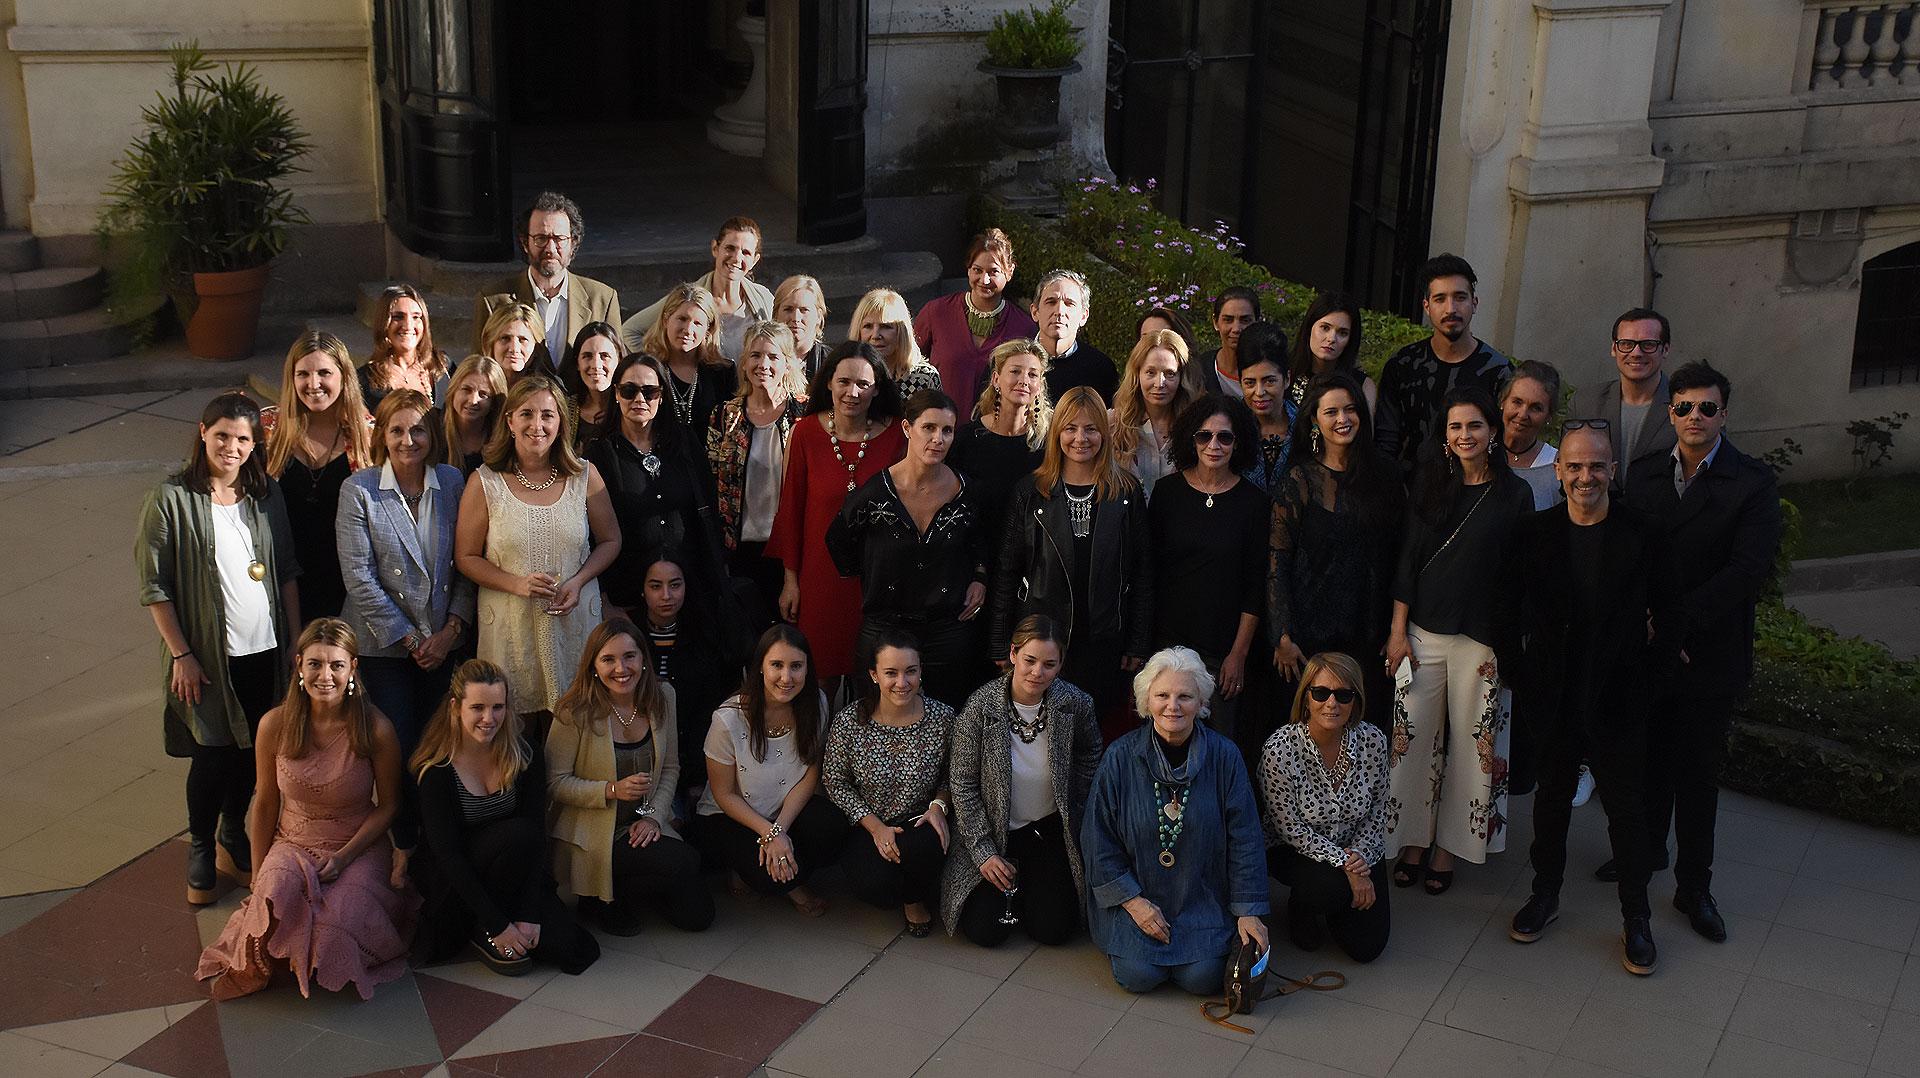 Diseñadores, ambientadores, decoradores, organizadores y directivos de COAS en el patio interno del Palacio Paz